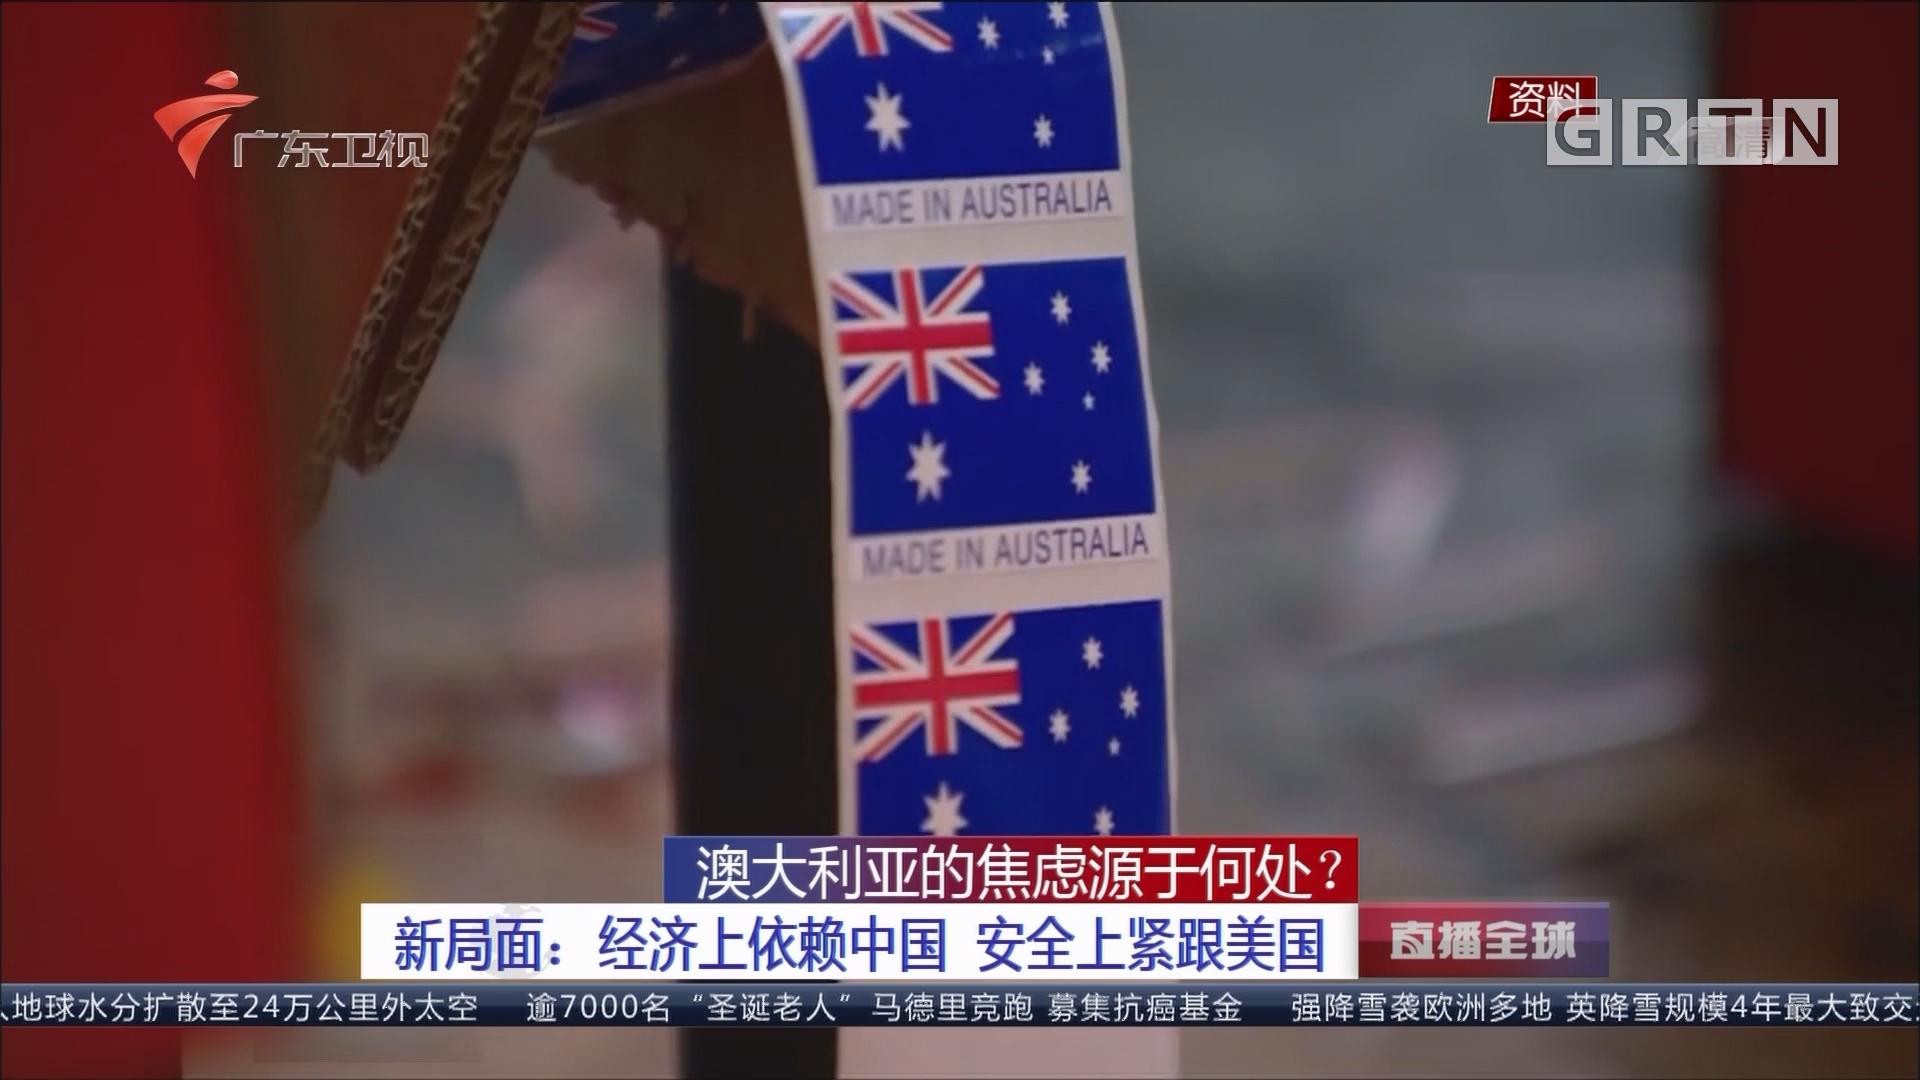 澳大利亚的焦虑源于何处?新局面:经济上依赖中国 安全上紧跟美国